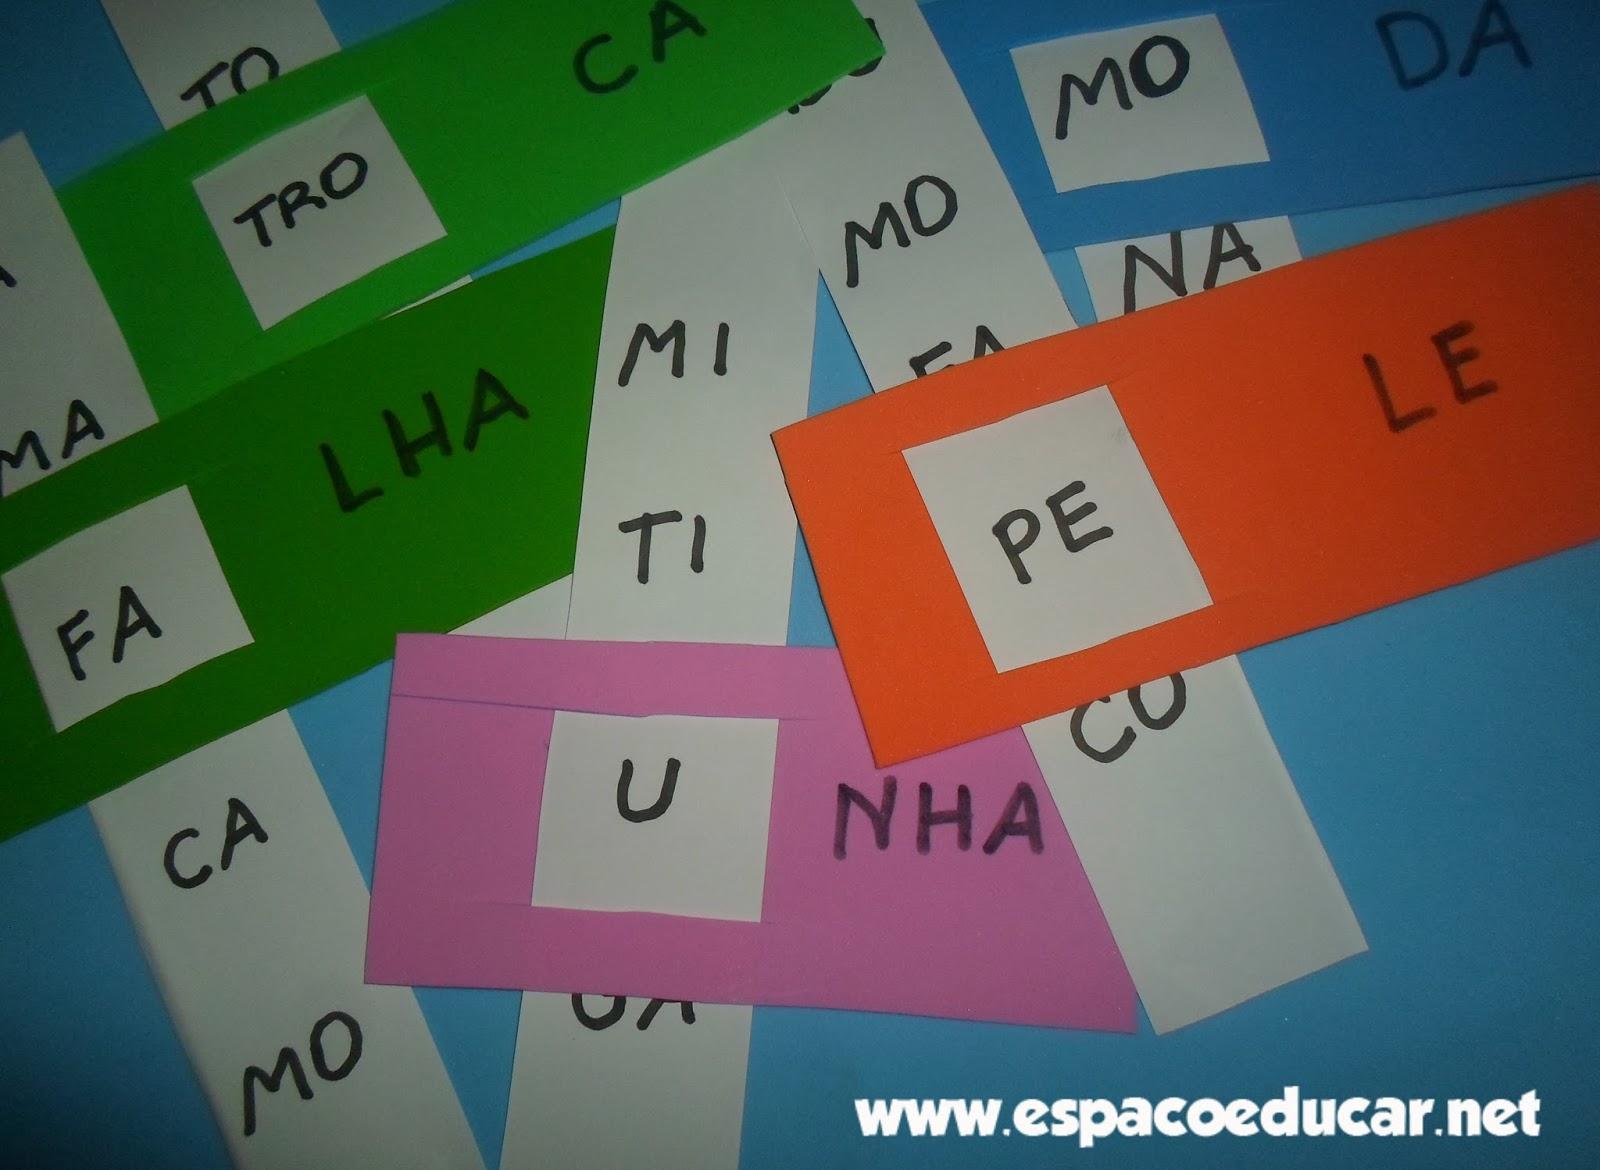 Amado ESPAÇO EDUCAR: Atividade de alfabetização: Jogo do encaixe para  AL34